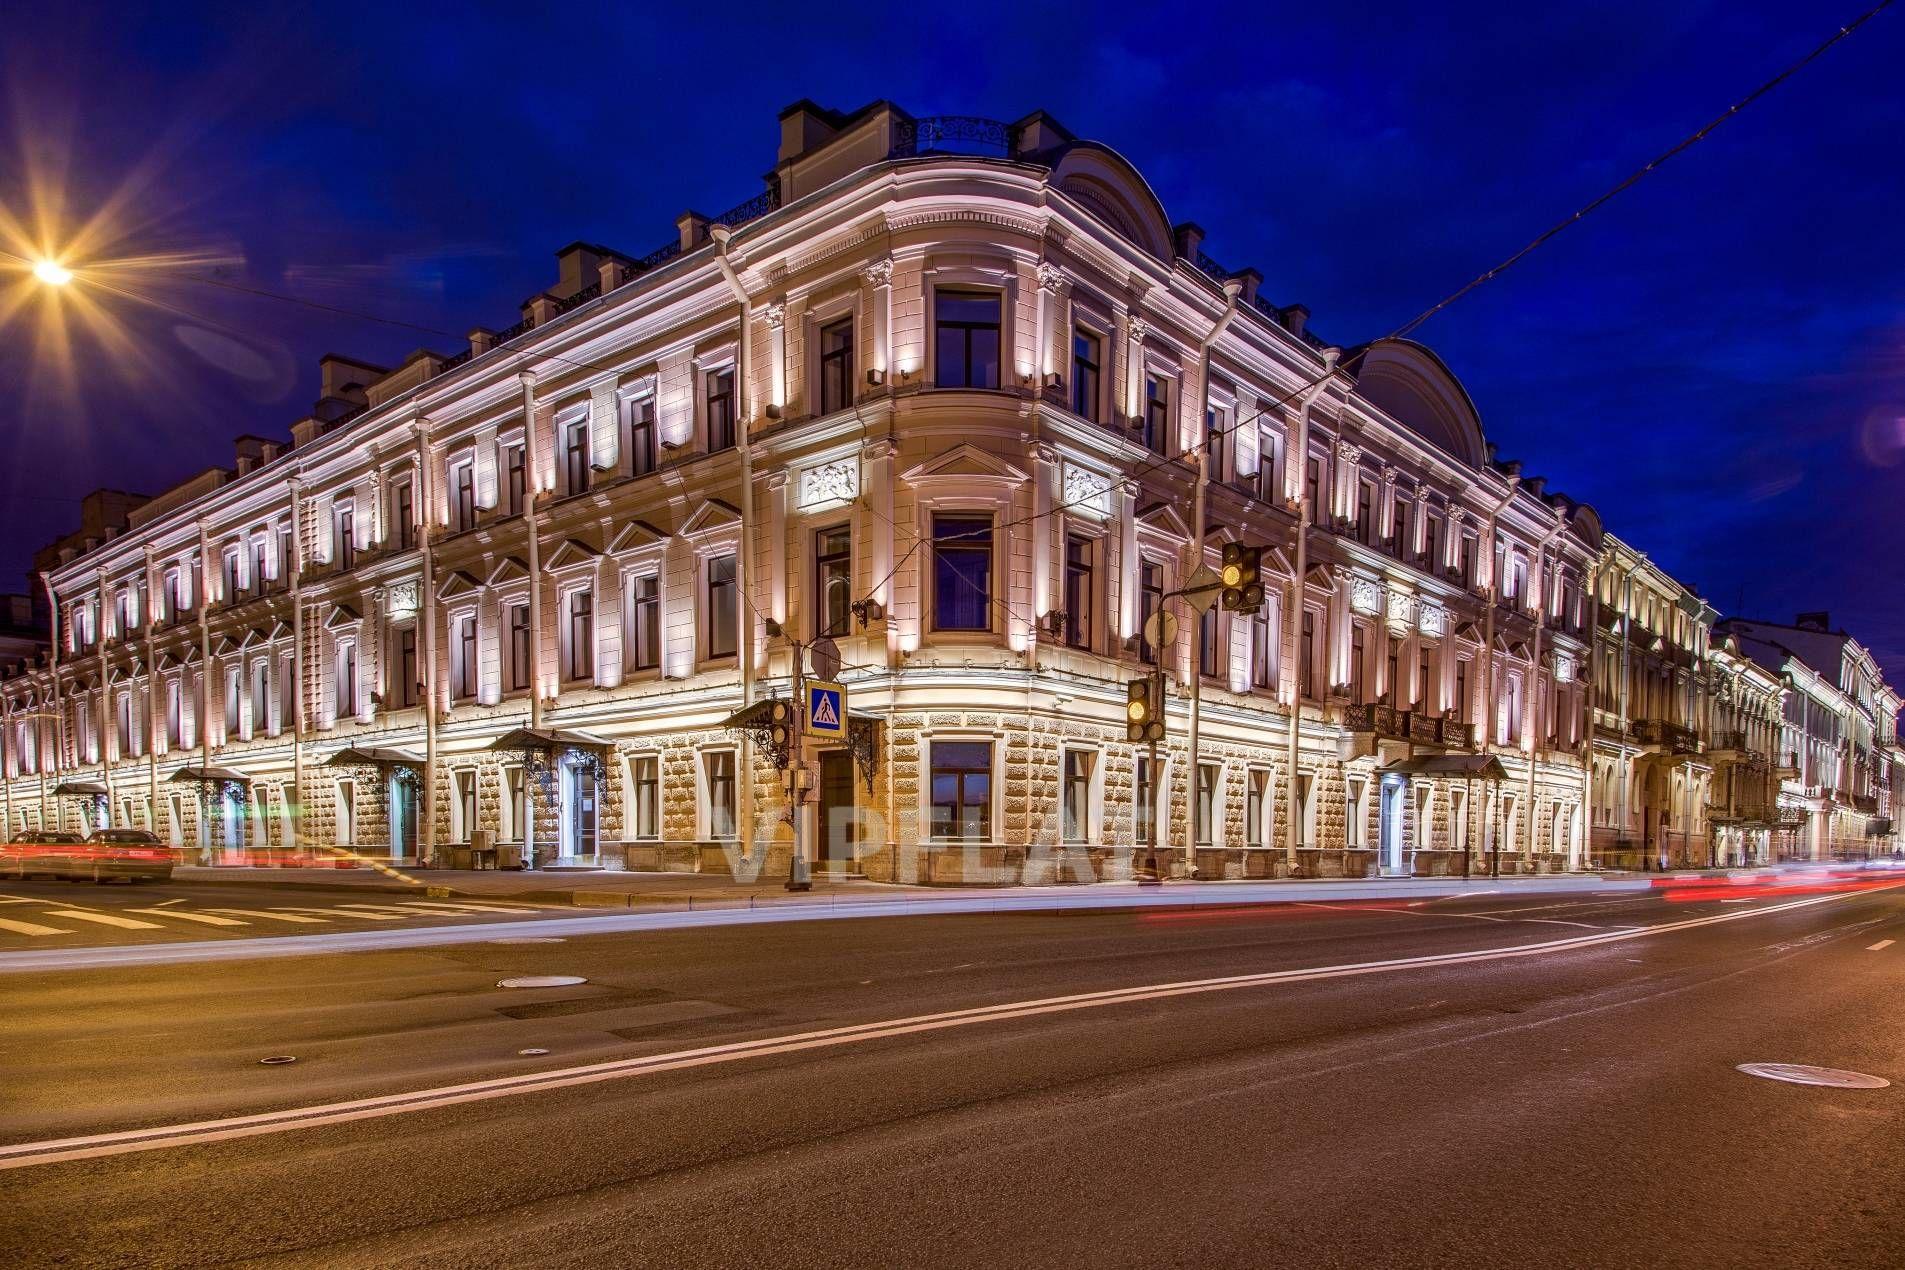 Продажа элитных квартир Санкт-Петербурга. Кутузова наб., 24 Вечерняя подсветка особняка